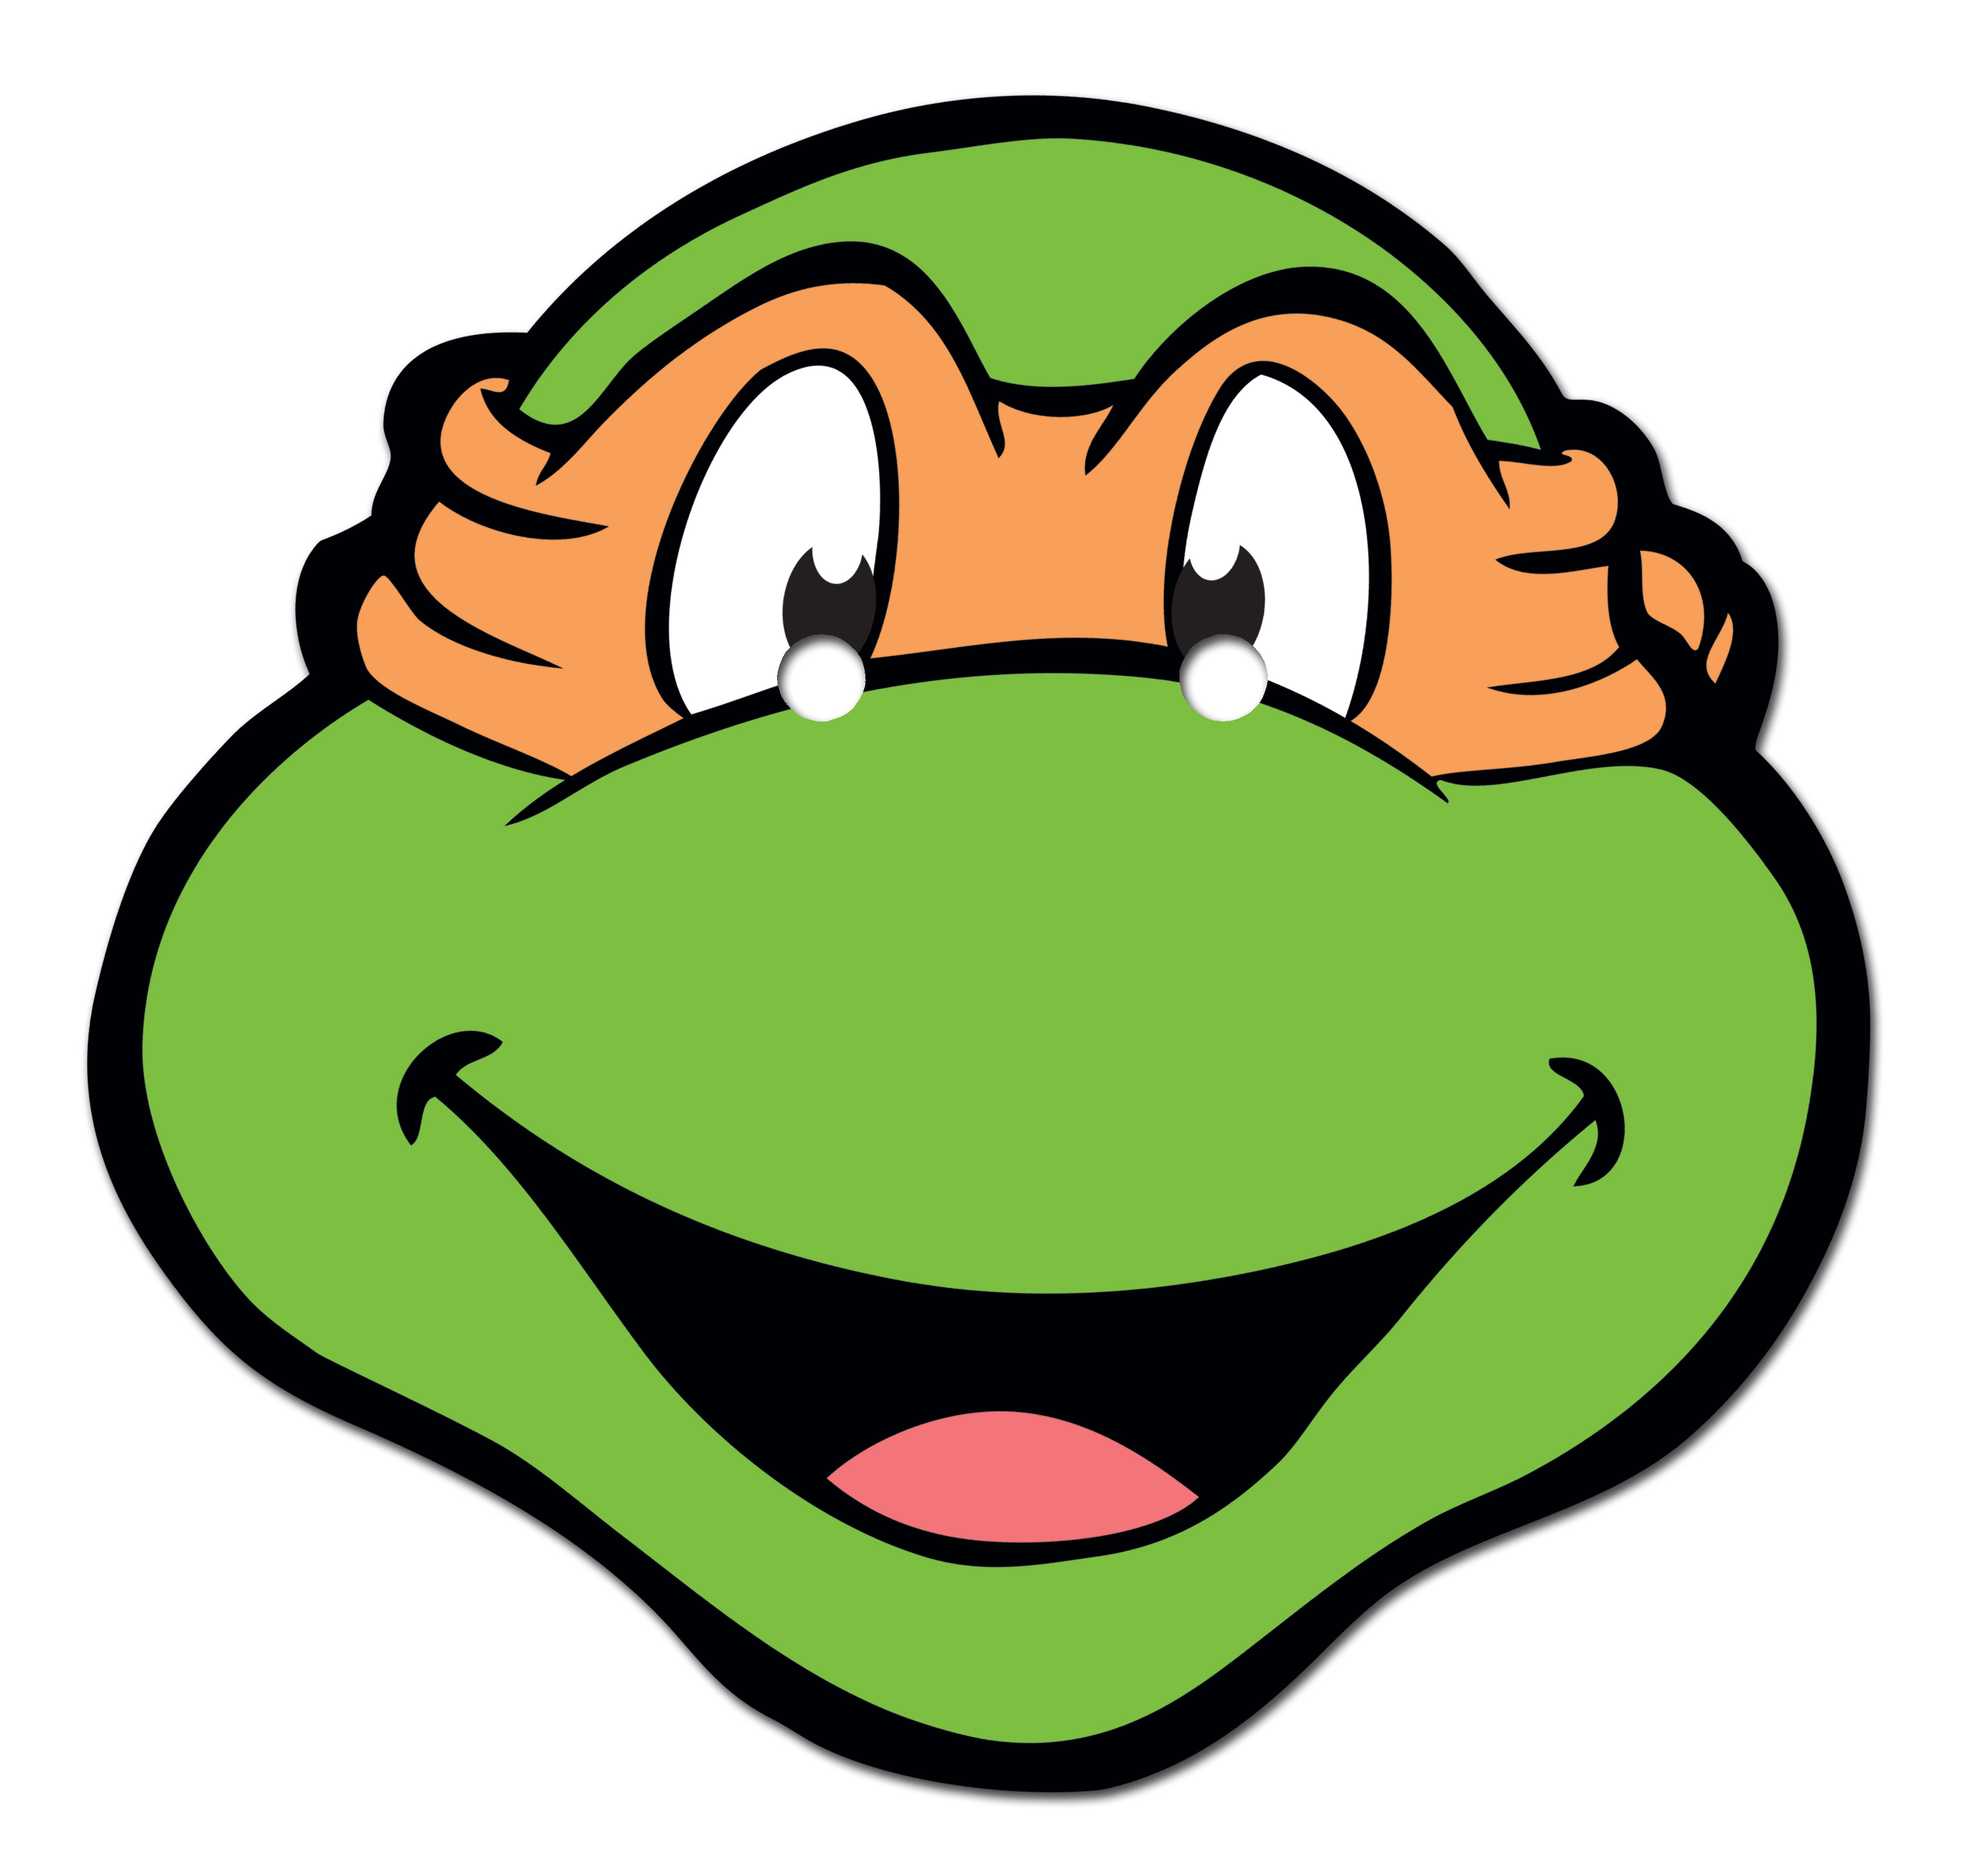 Ninja Turtle Head Clipart.